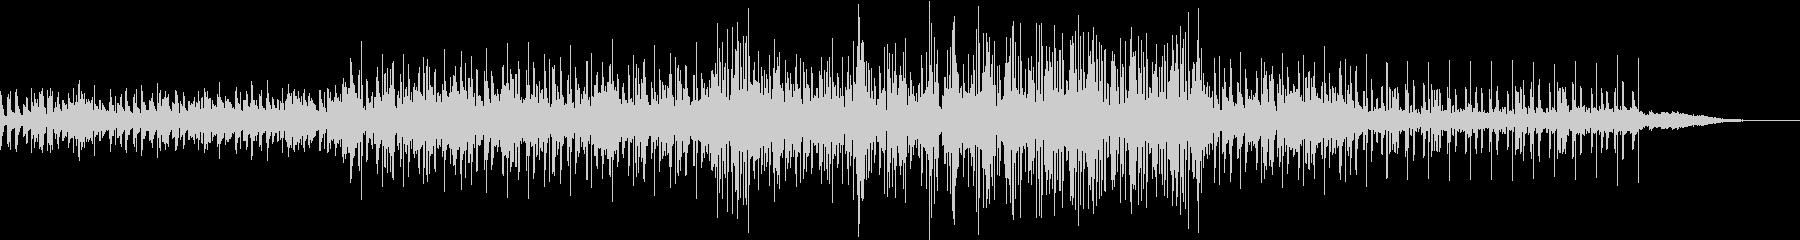 ダークなエレクトロニカ曲の未再生の波形